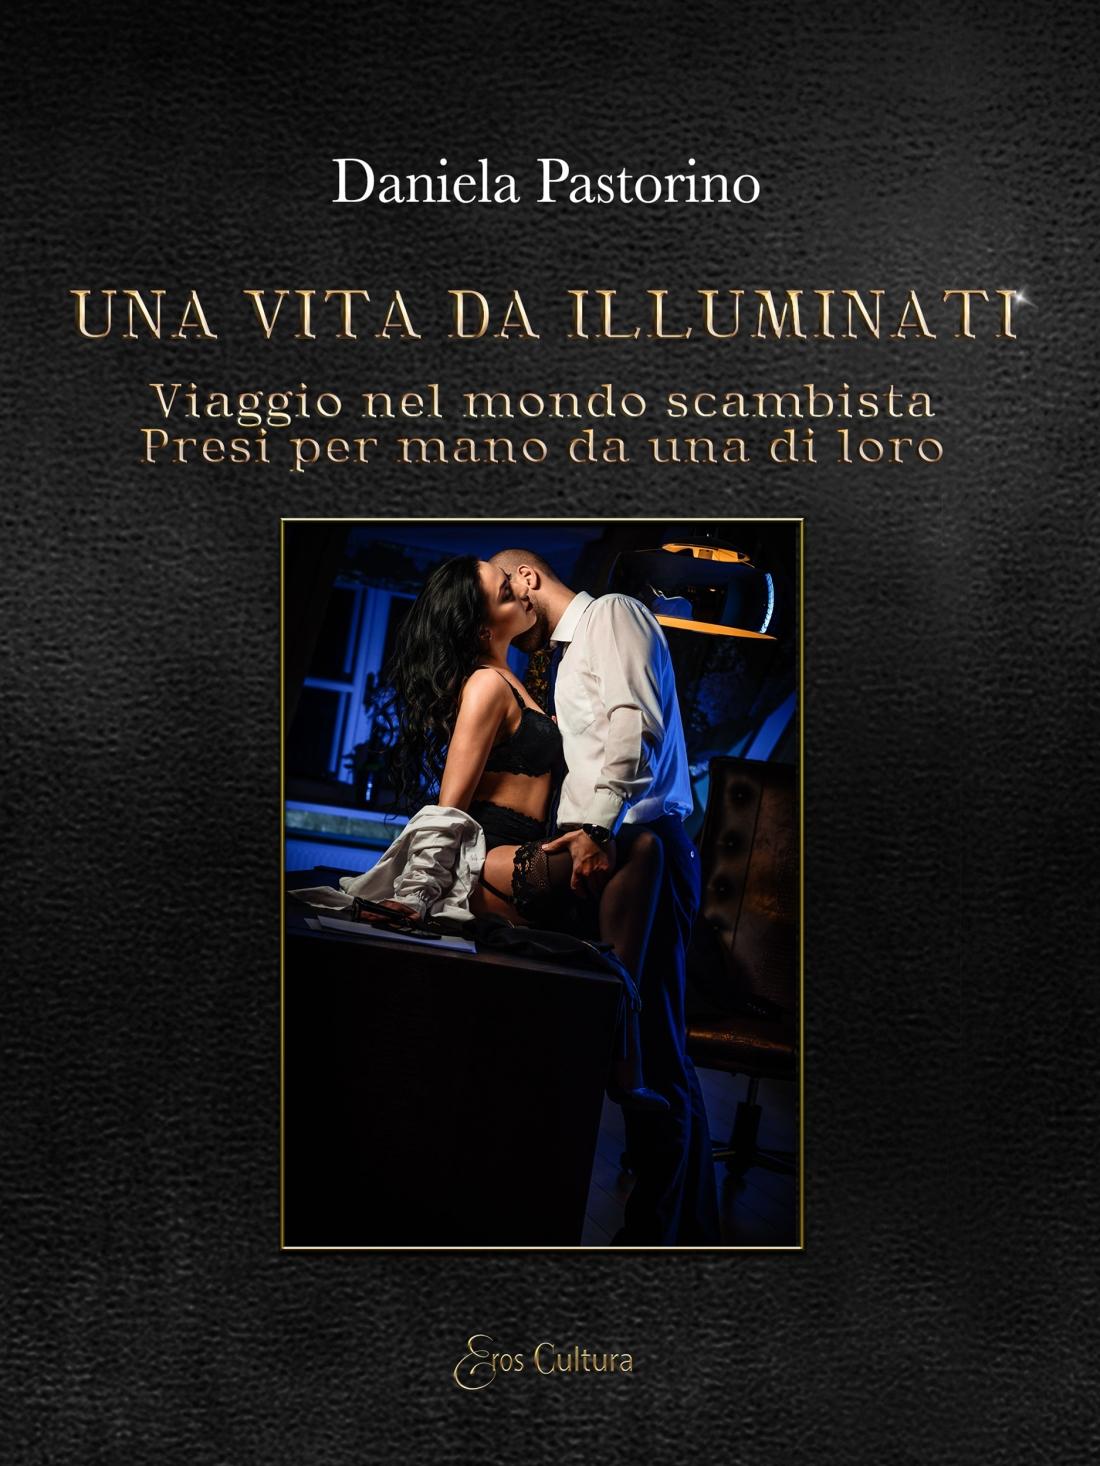 vita da illuminati_ COPERTINA UFFICIALE copia 2